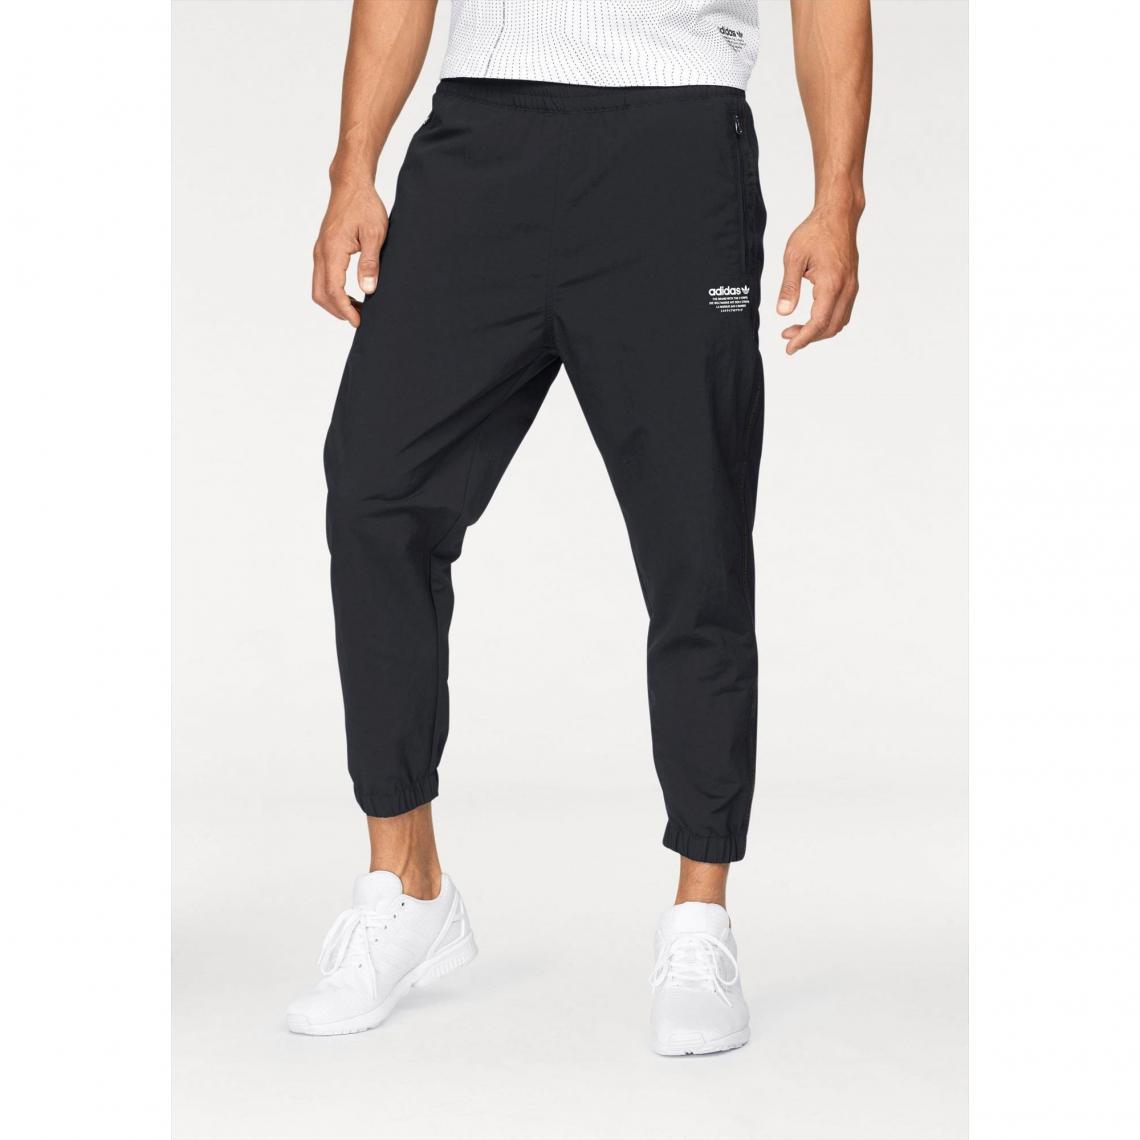 f7542293e903d Pantacourt de survêtement homme adidas Originals® - Noir | 3 SUISSES